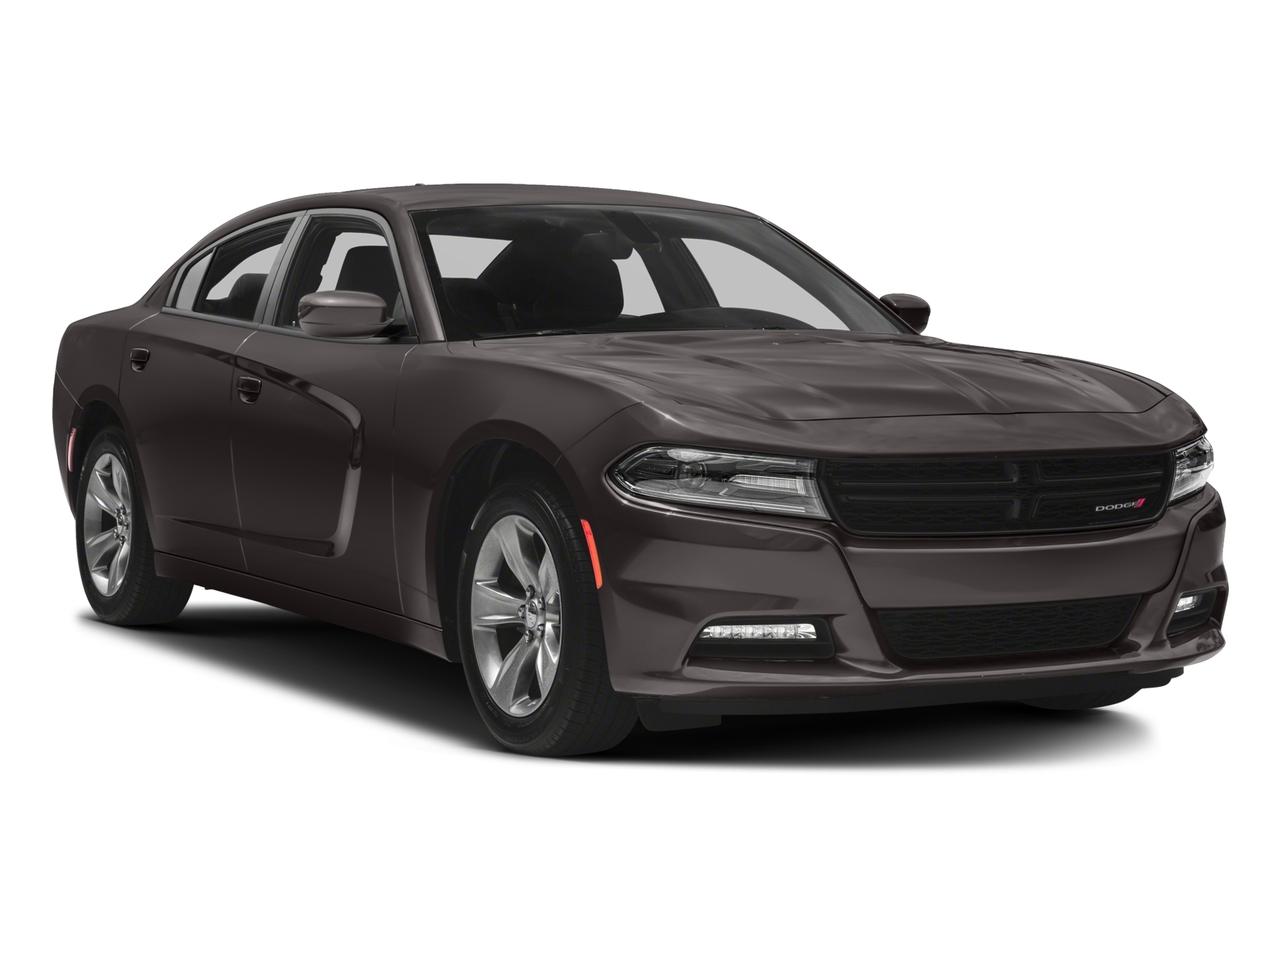 2019 Dodge Charger Trim Level Comparison